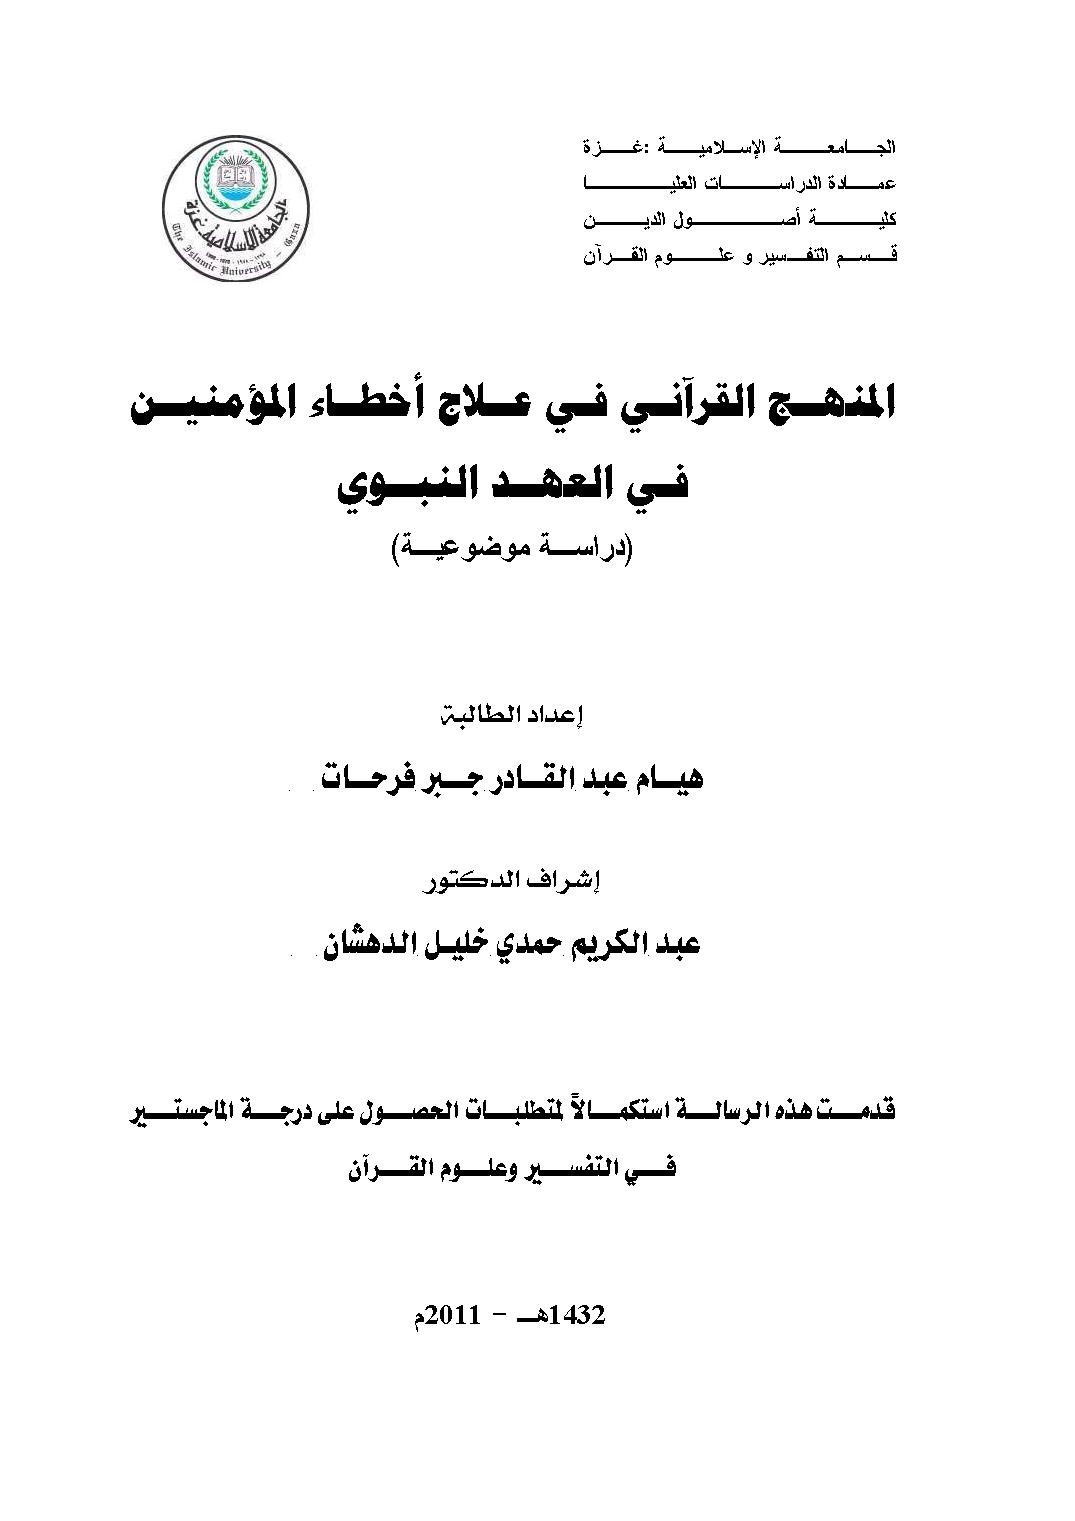 تحميل كتاب المنهج القرآني في علاج أخطاء المؤمنين في العهد النبوي (دراسة موضوعية) لـِ: هيام عبد القادر جبر فرحات